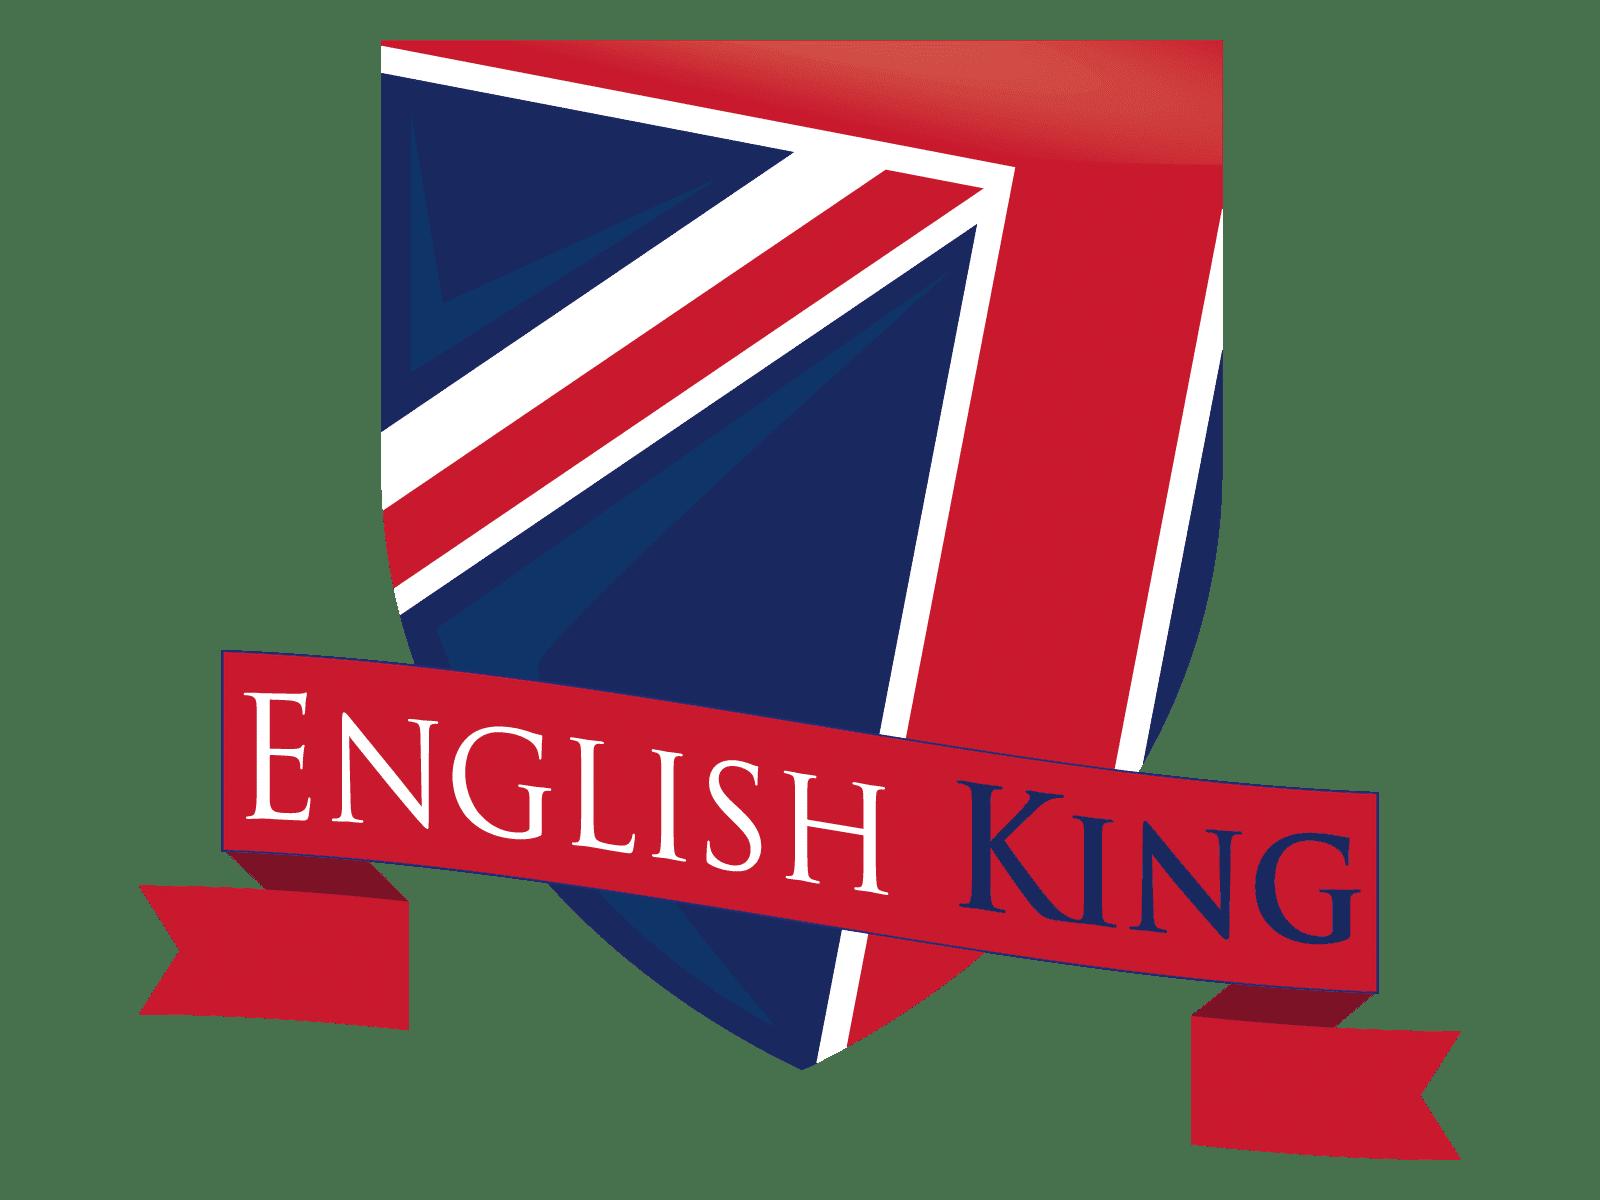 English King